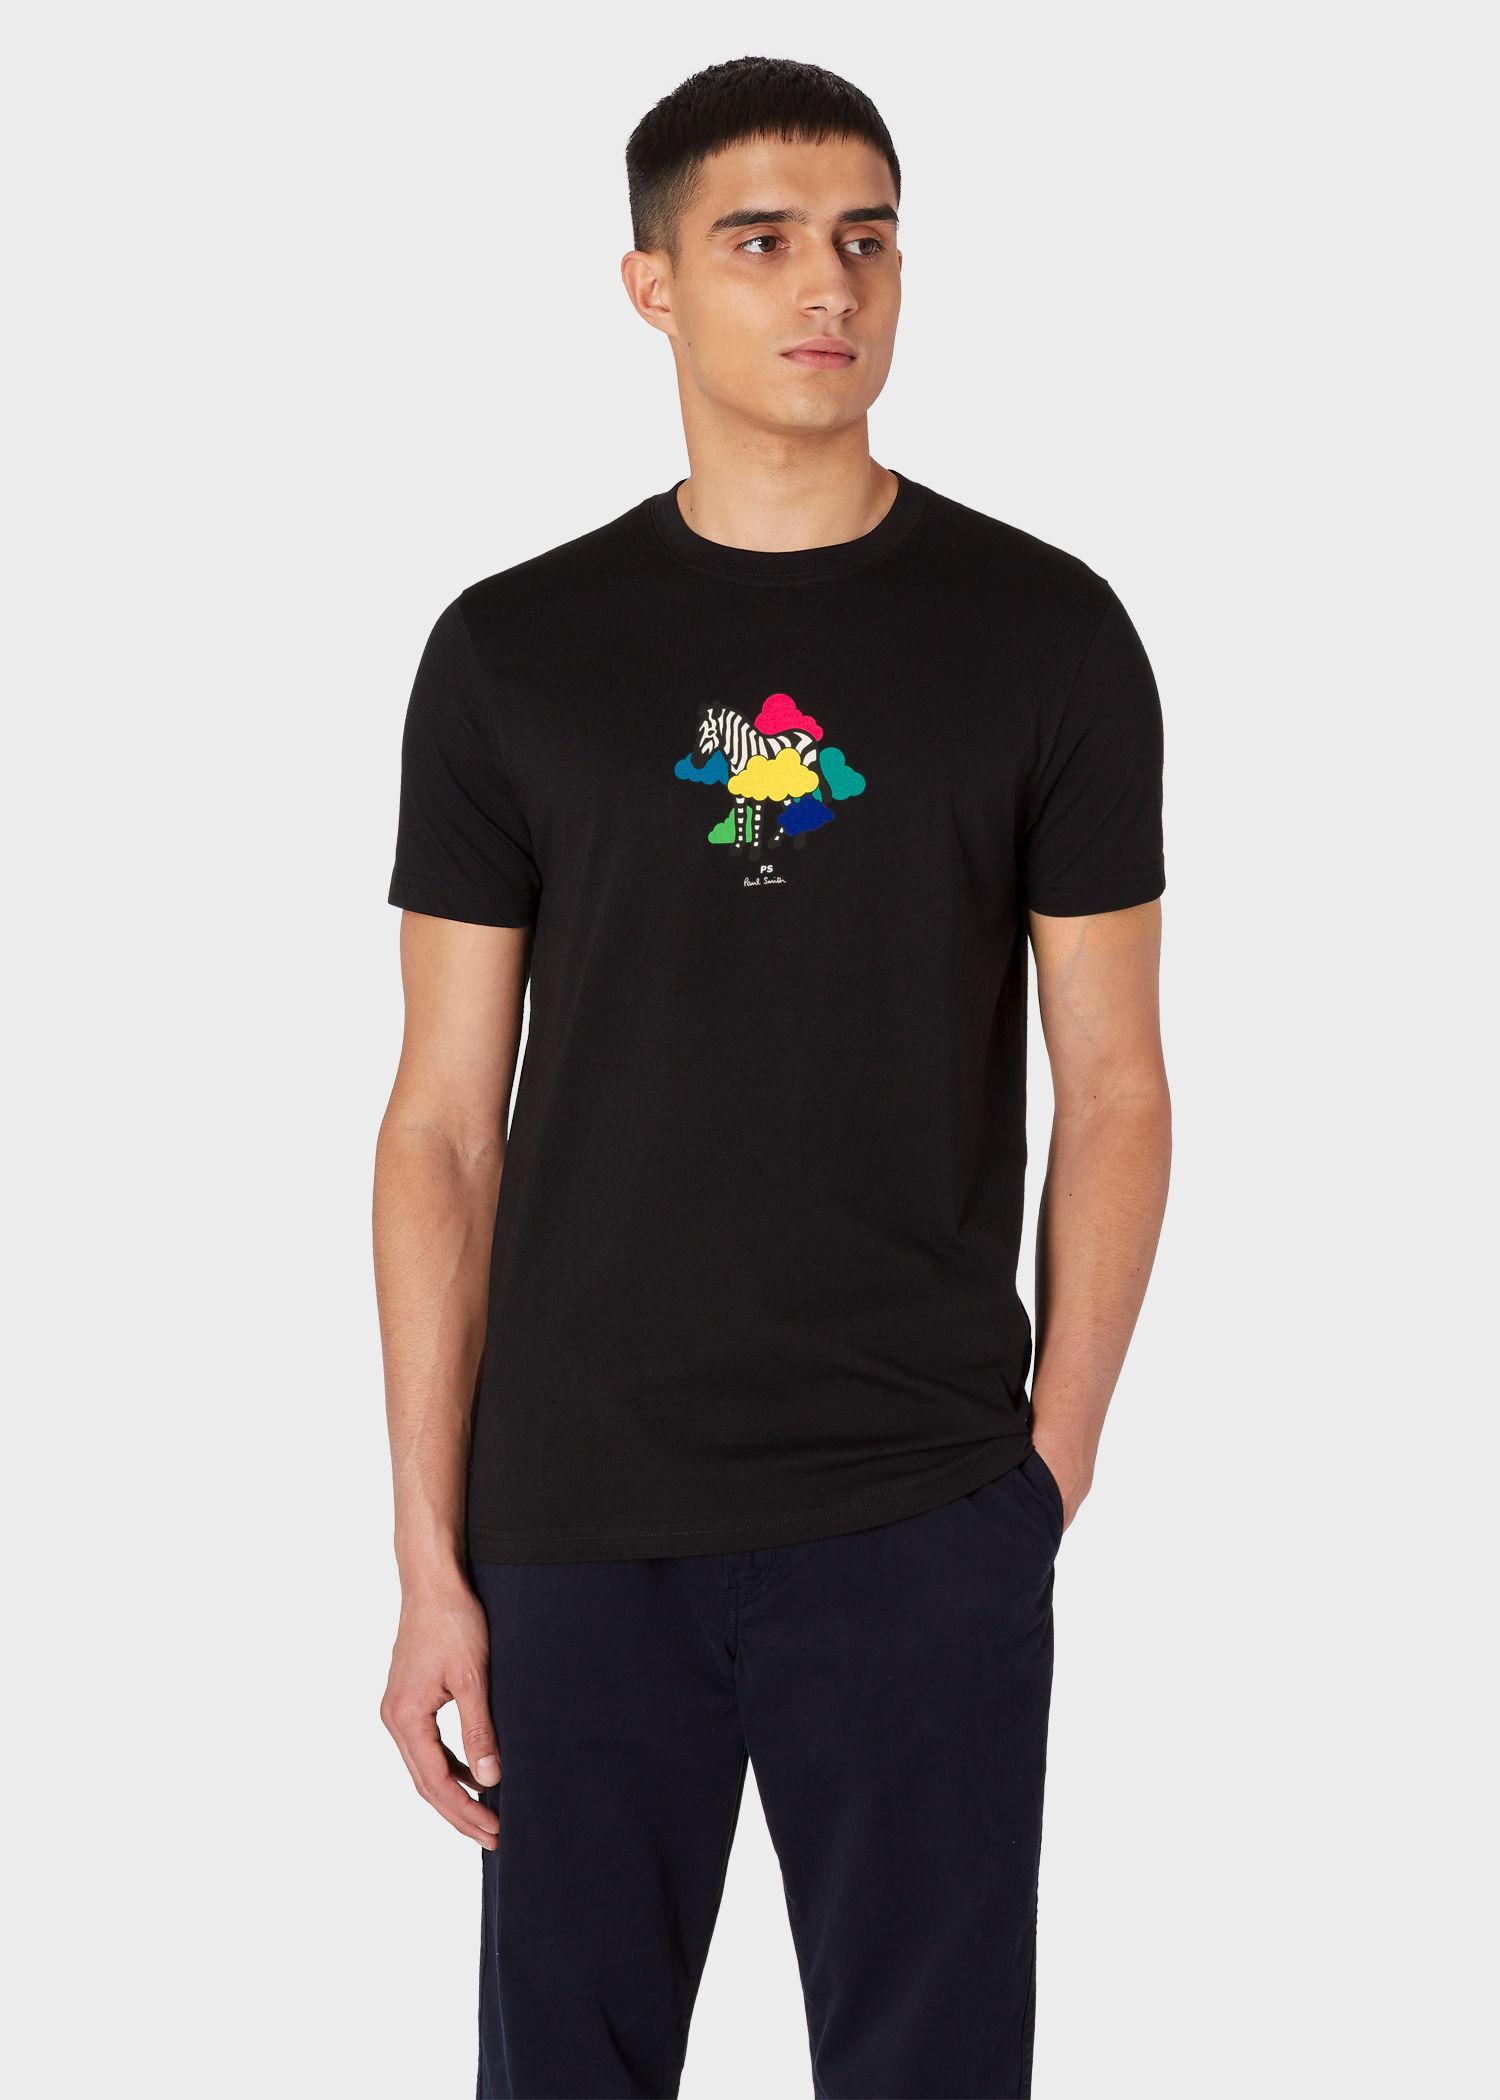 mens tshirt brand